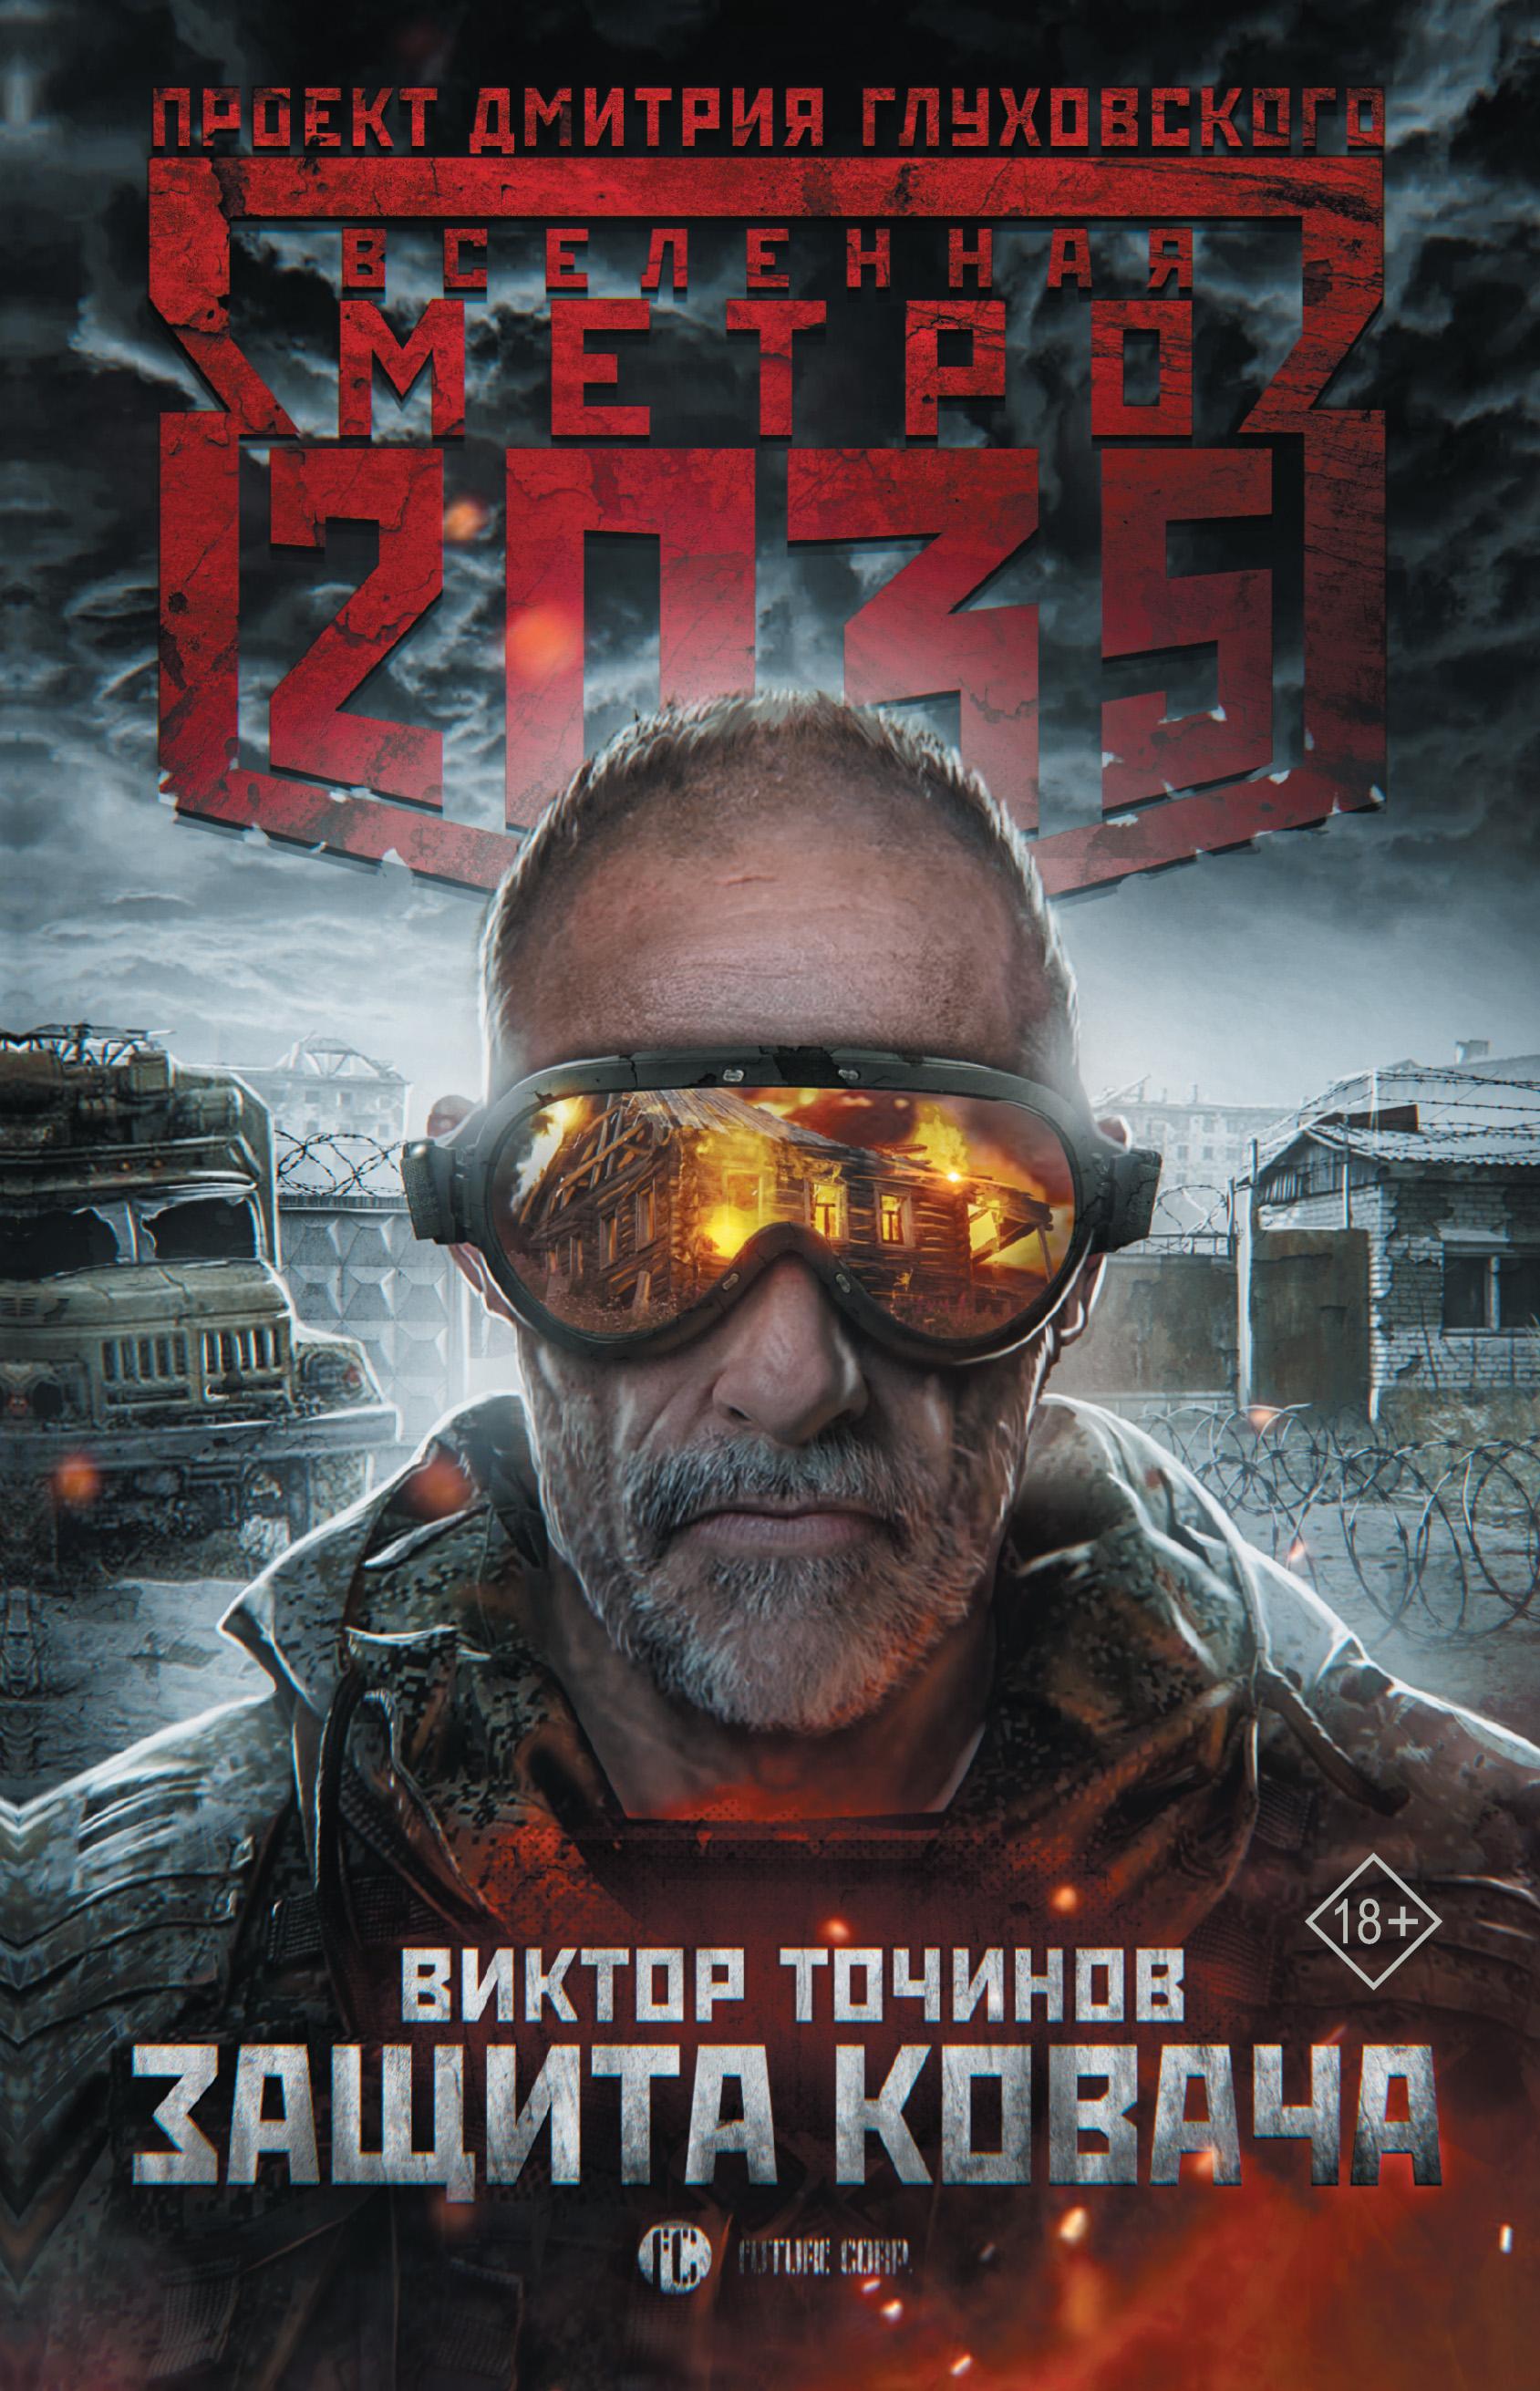 Виктор Точинов «Метро 2035: Защита Ковача»